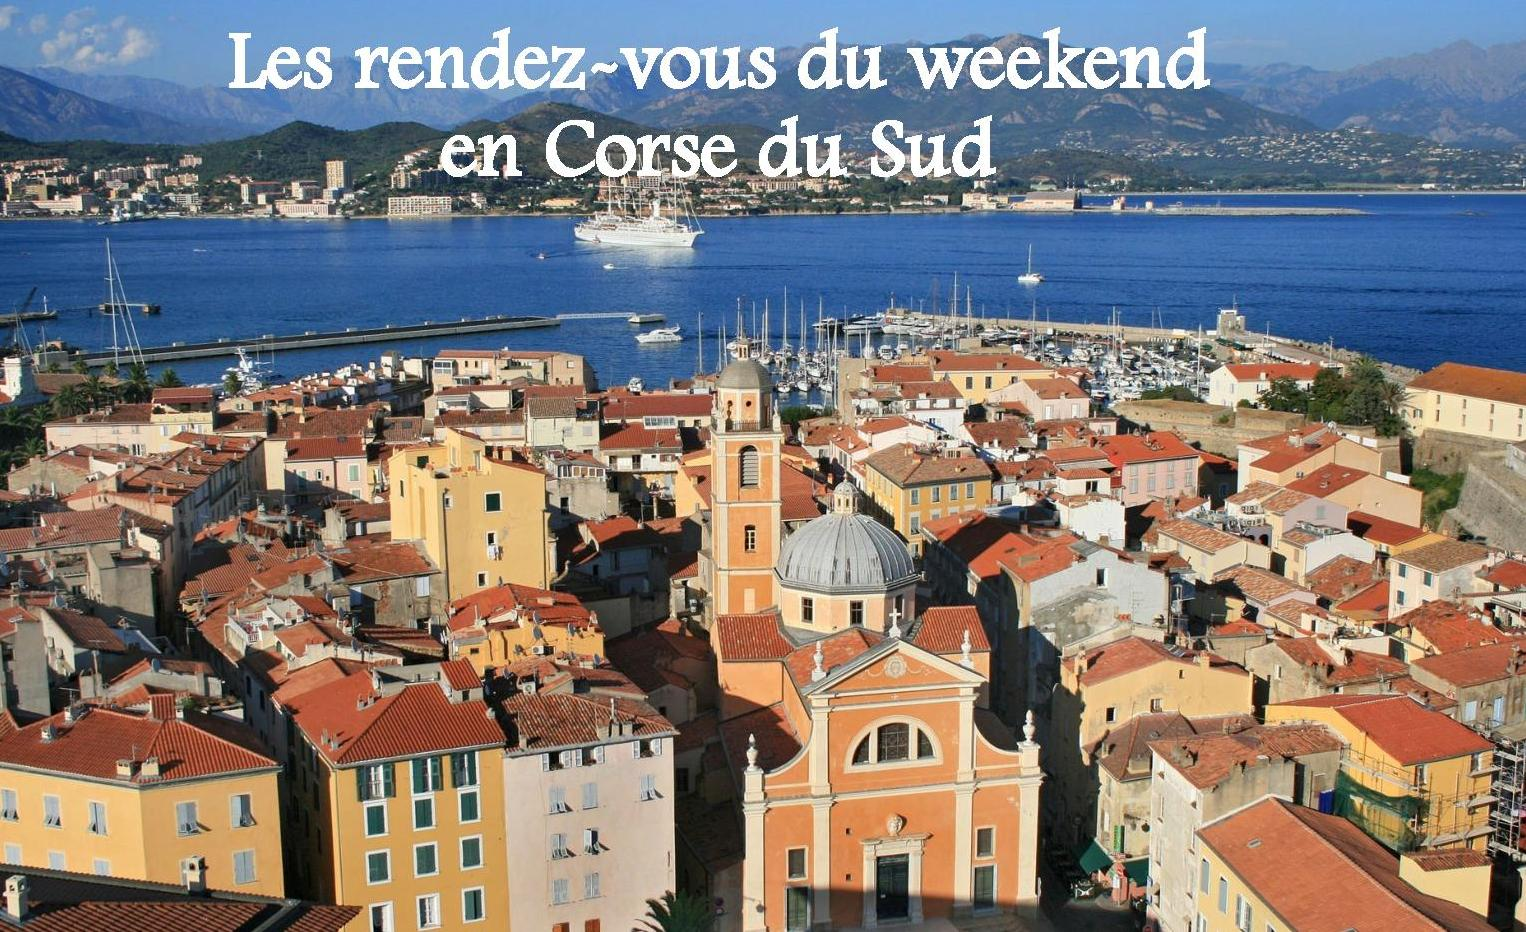 Les rendez-vous du week-end en Corse du Sud : Nos idées de sortie